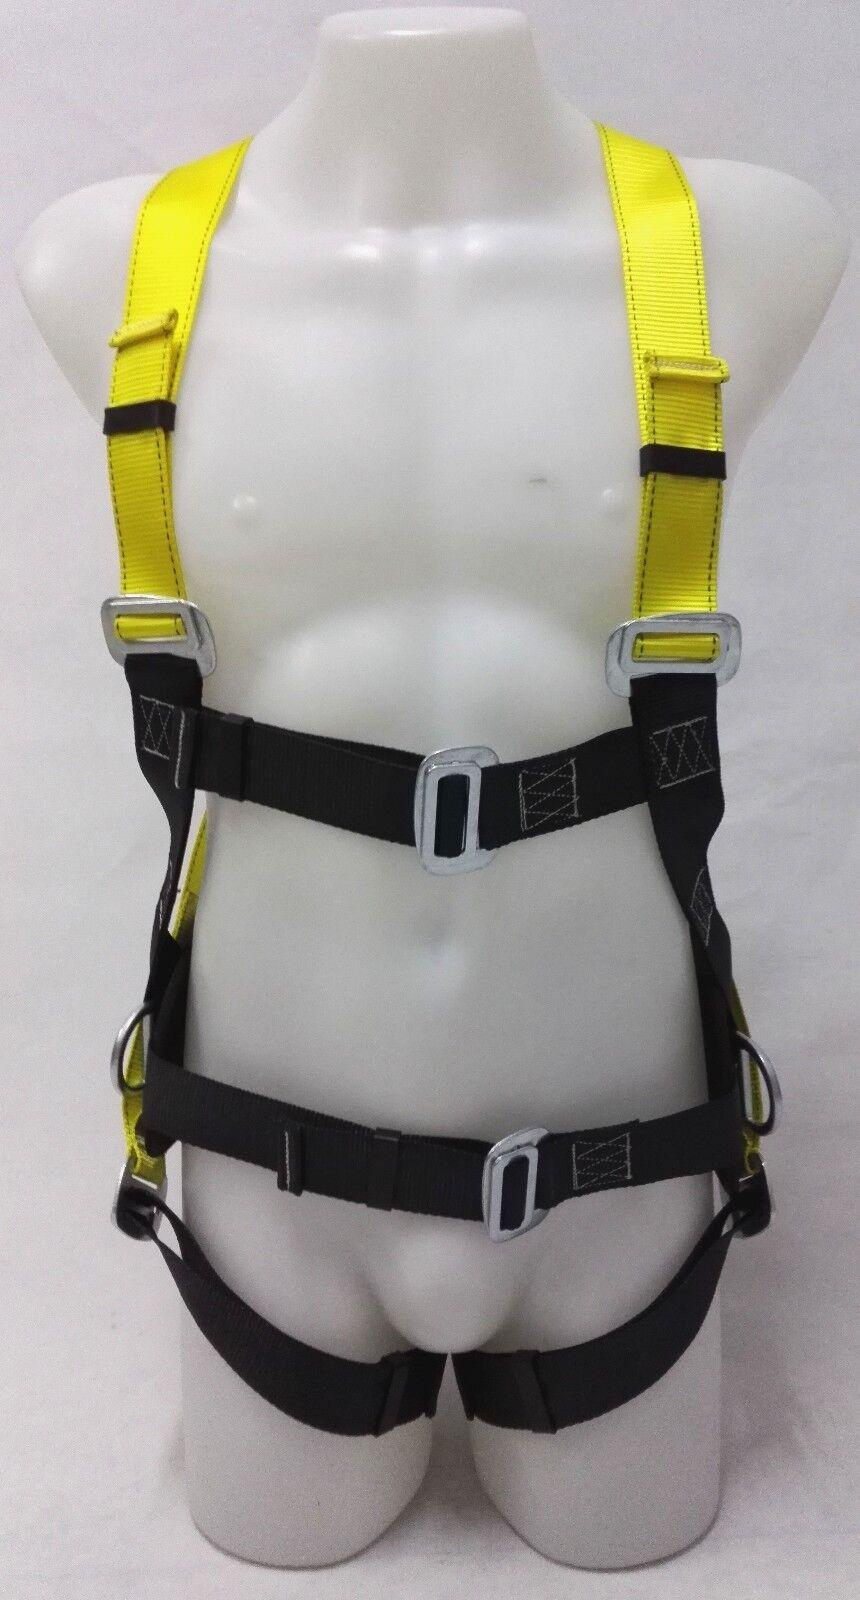 Komfort Sicherheitsgurt Klettergurt Klettergurt Klettergurt Kletterausrüstung Baumpflege Fallschutz 1109f4